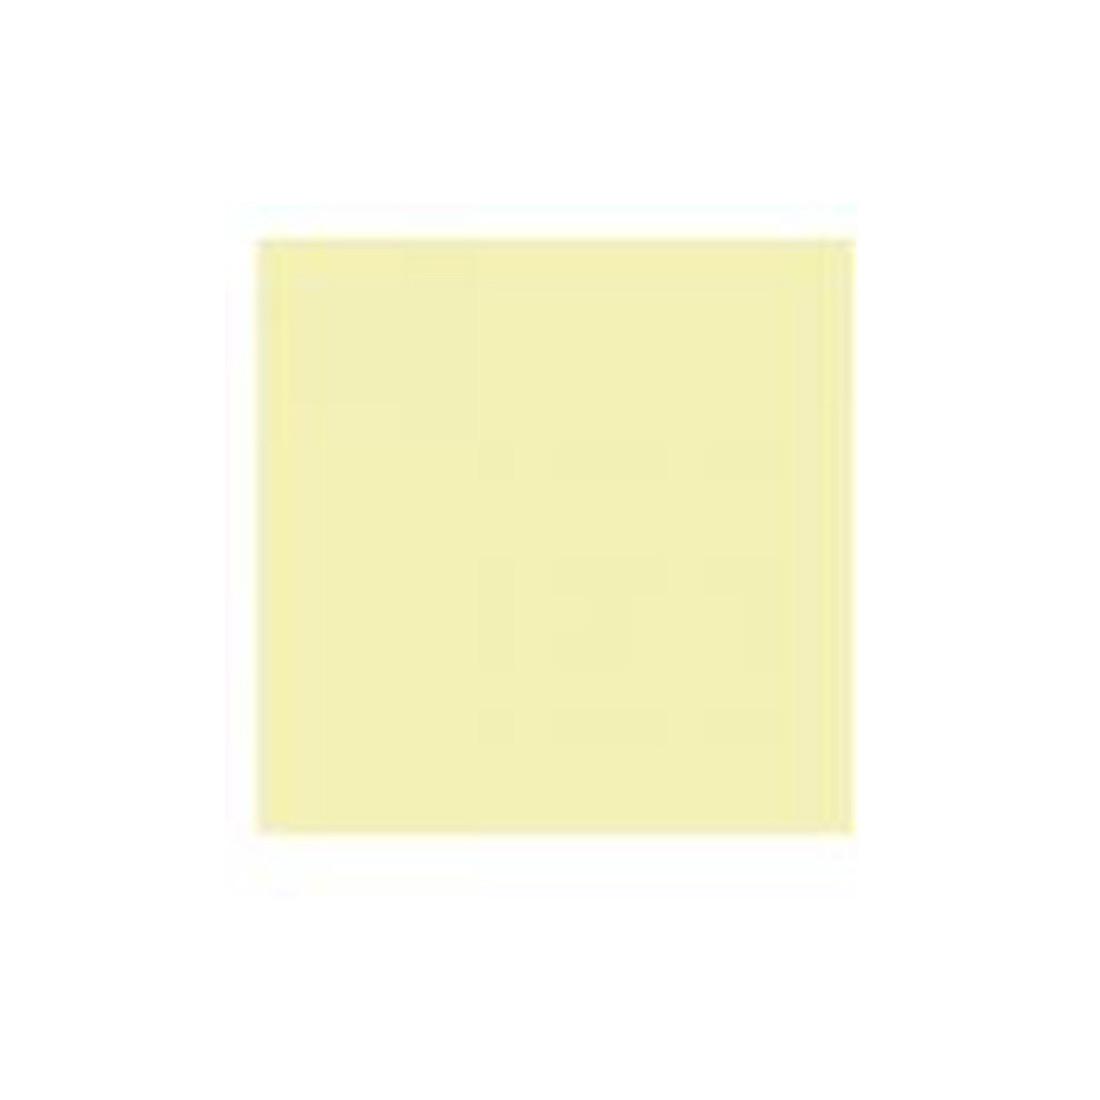 Стикеры бумажные самоклеющиеся Comix (76х76 мм, 100 л, Жёлтый)